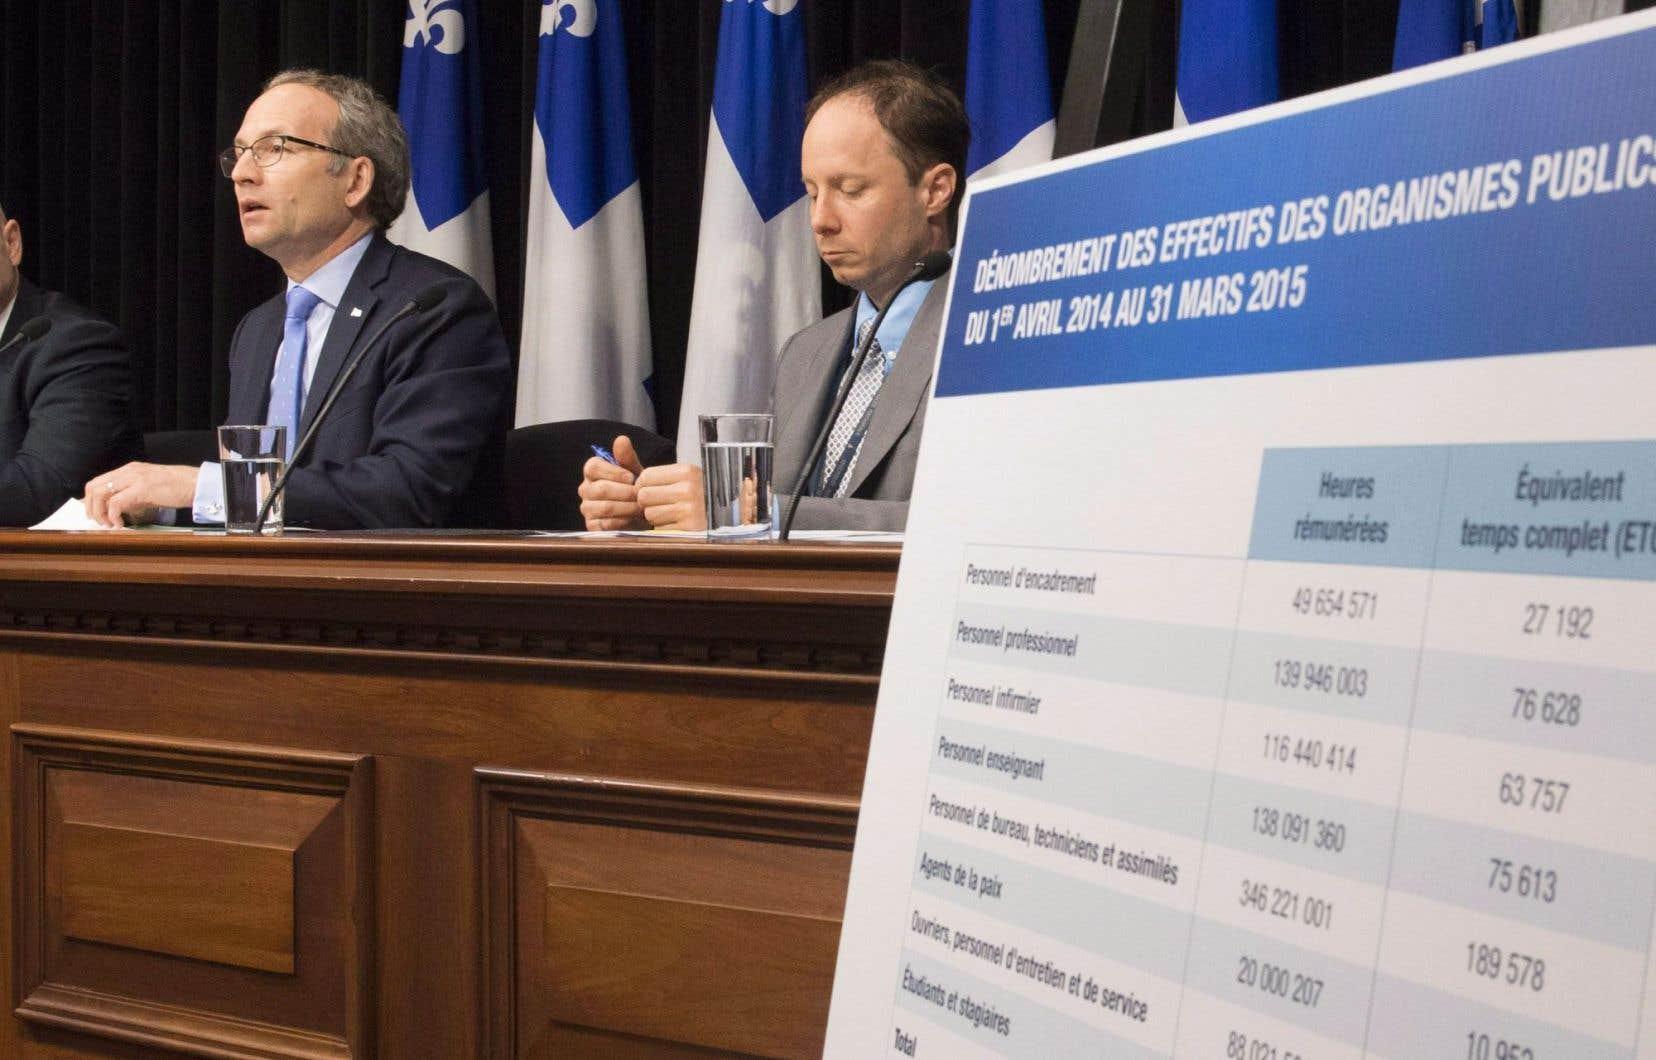 Déjà en 2014, le président du Conseil du trésor, Martin Coiteux, affirmait que la révision des programmes visait un repositionnement de l'État.